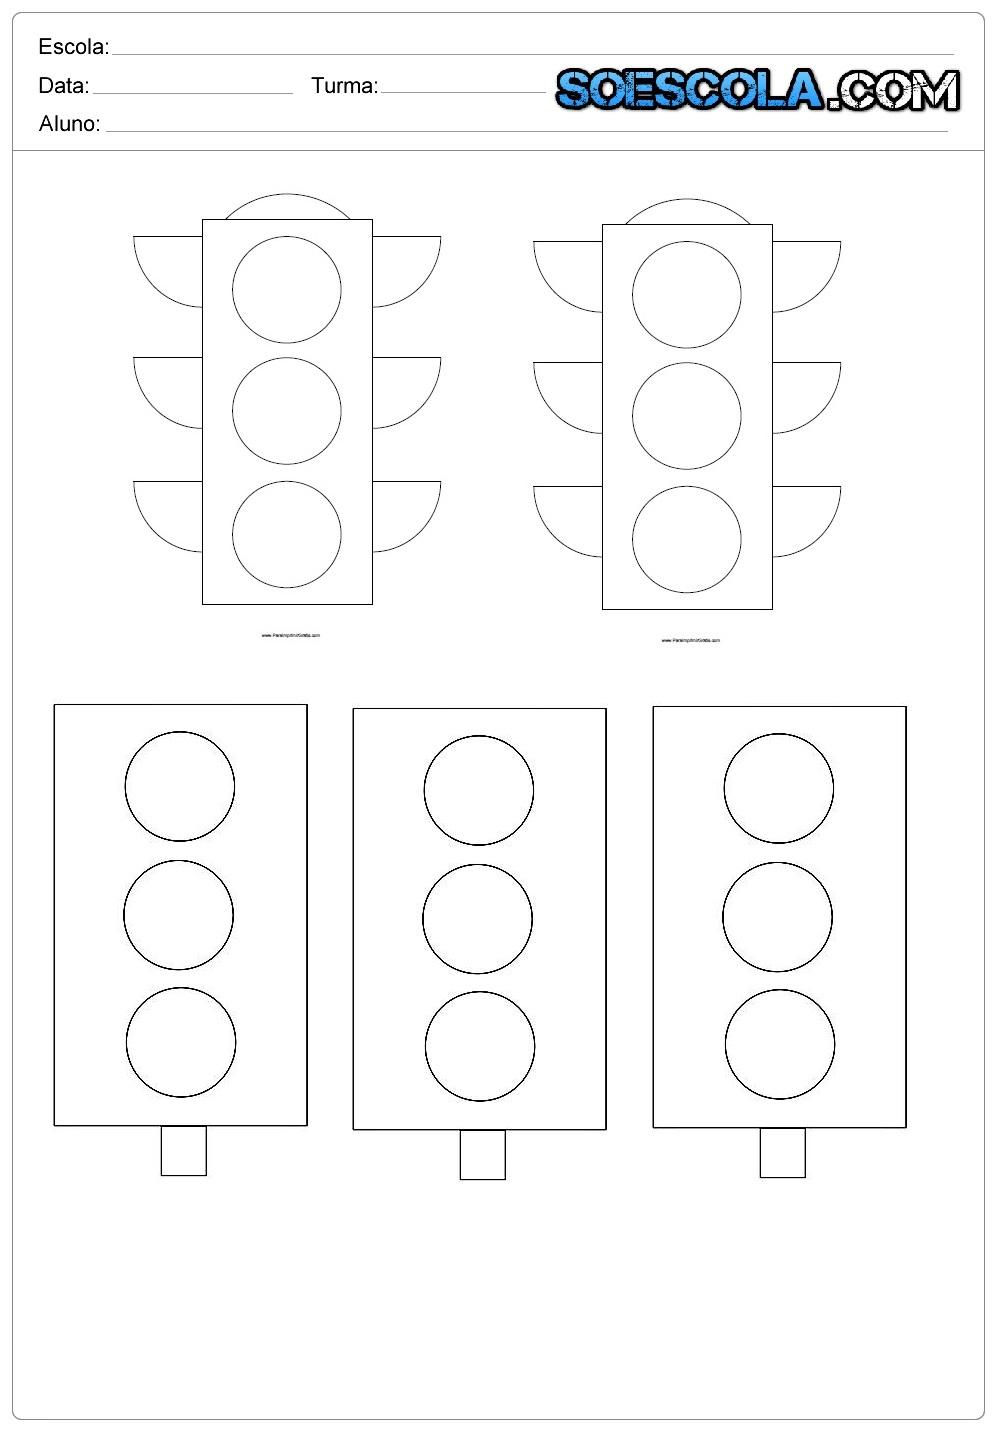 Moldes de Semáforos para imprimir e colorir. — SÓ ESCOLA